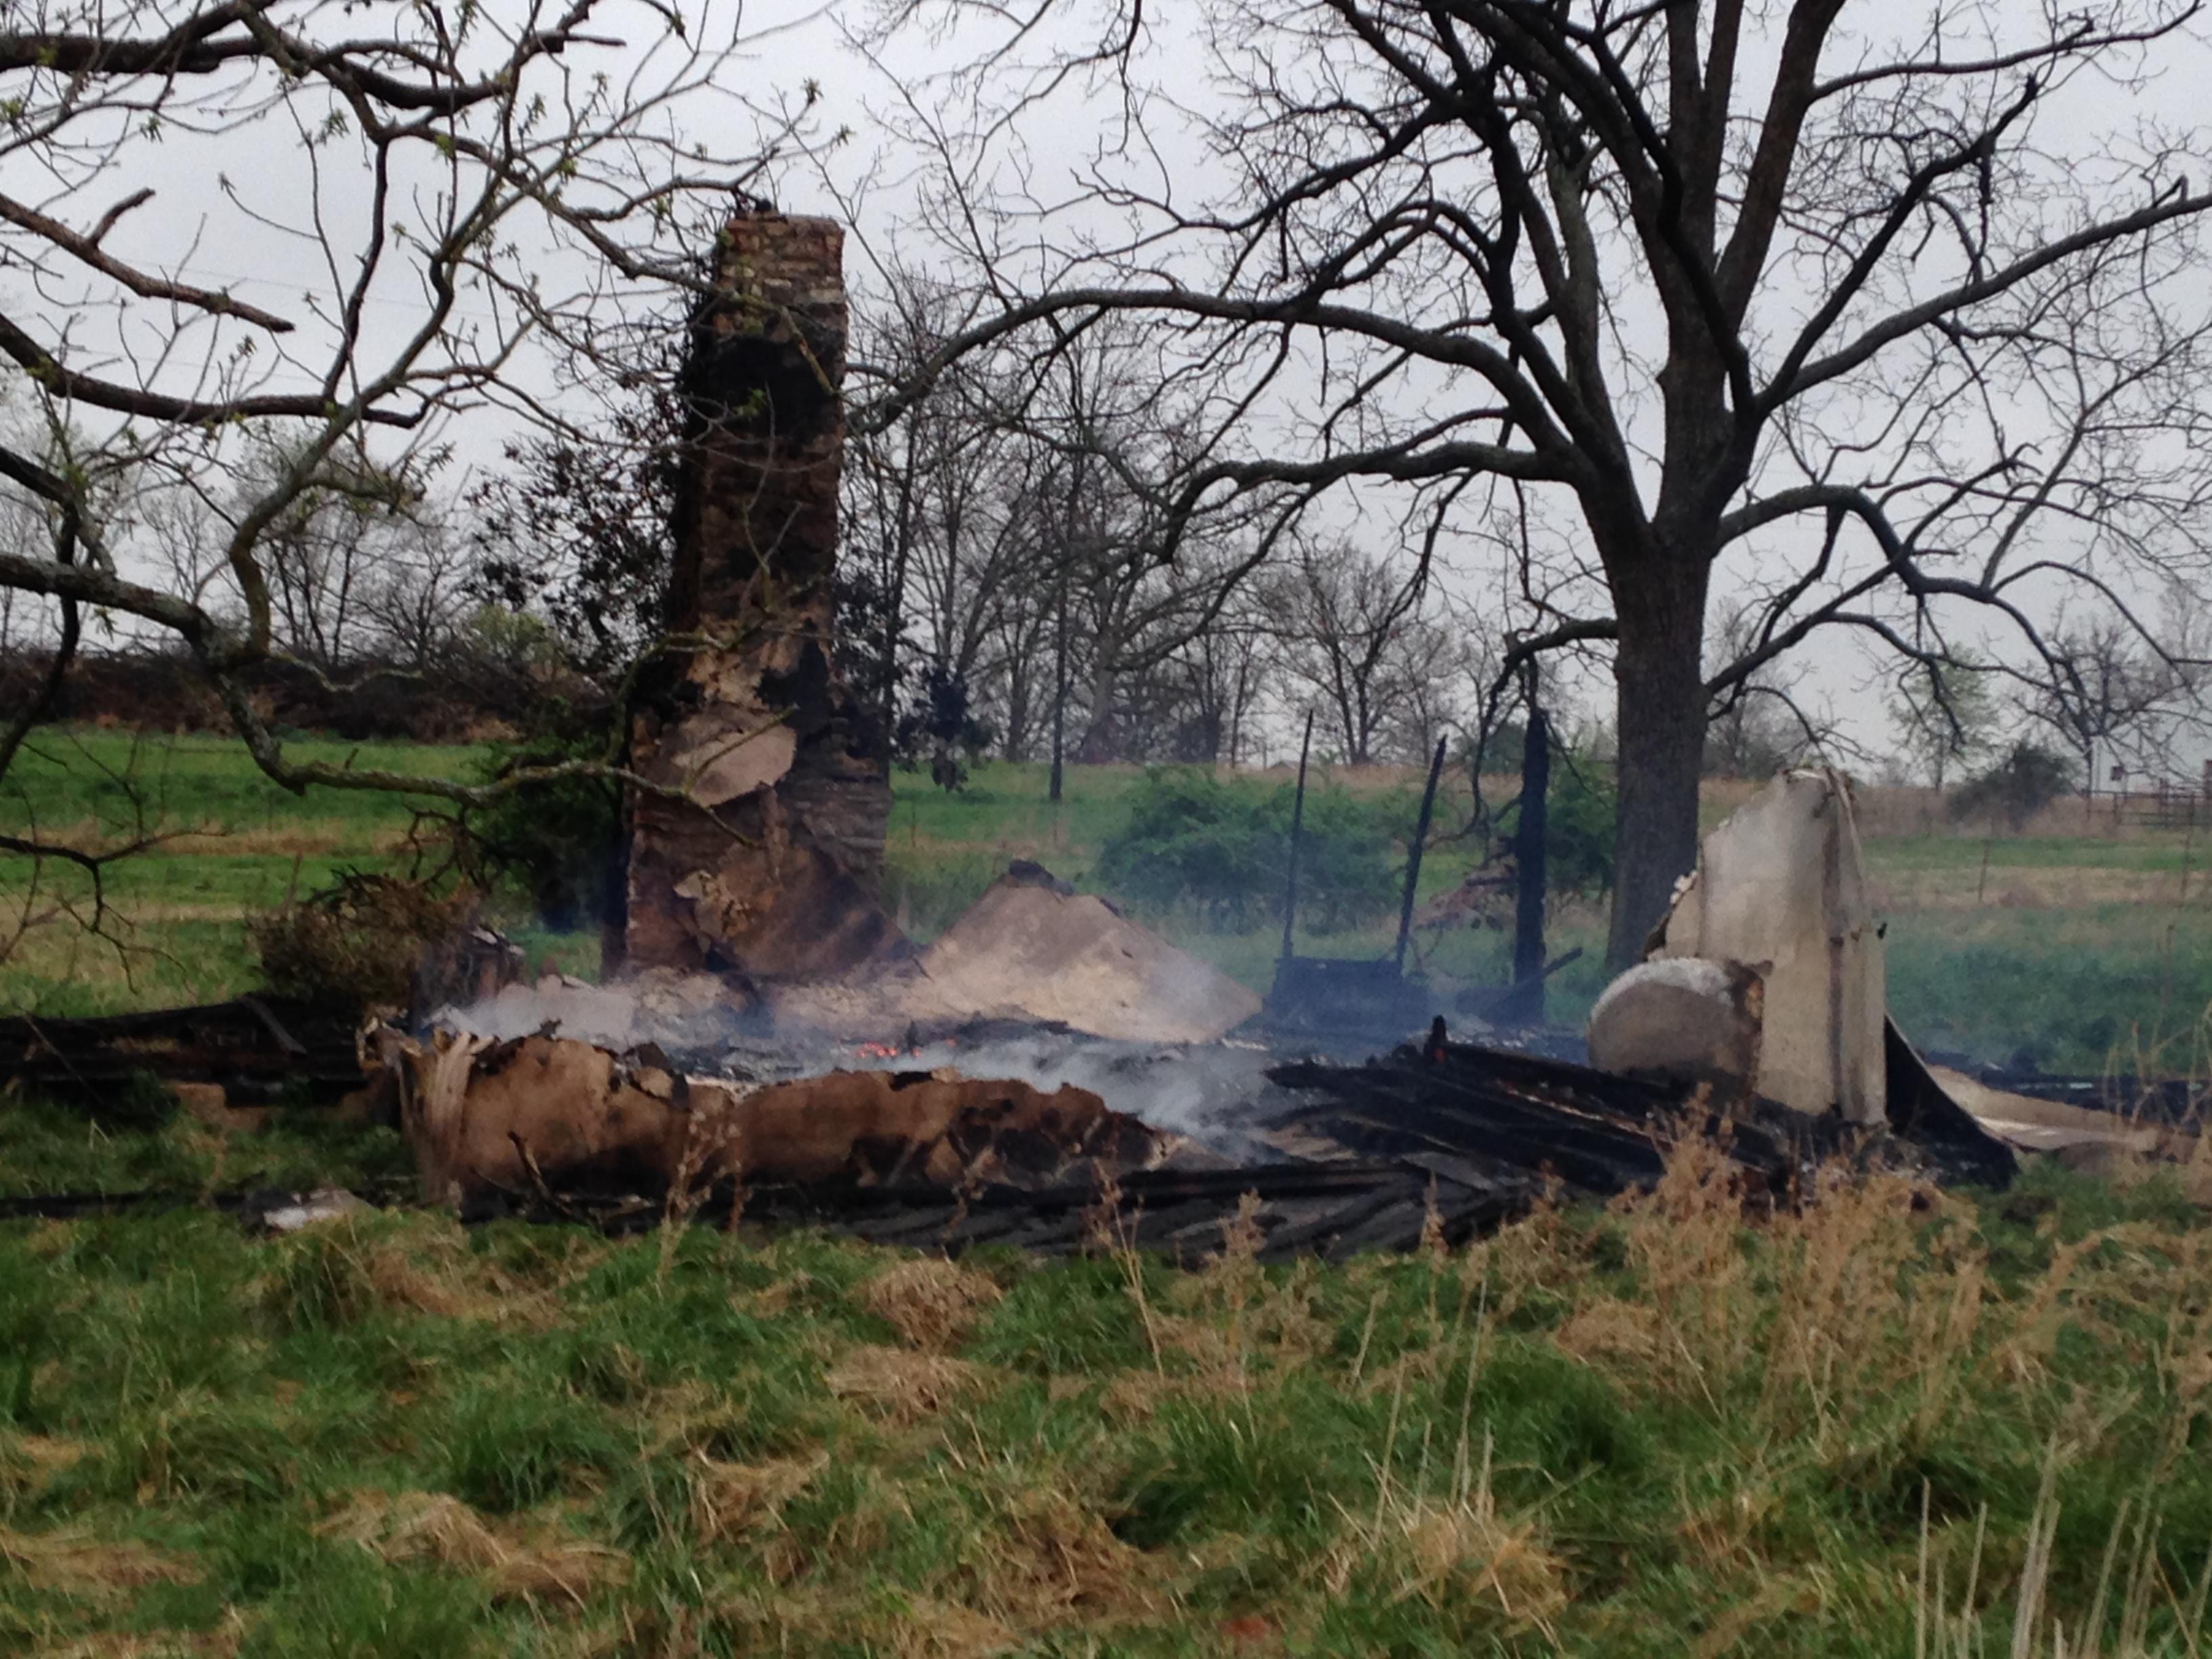 Benton Co Fire